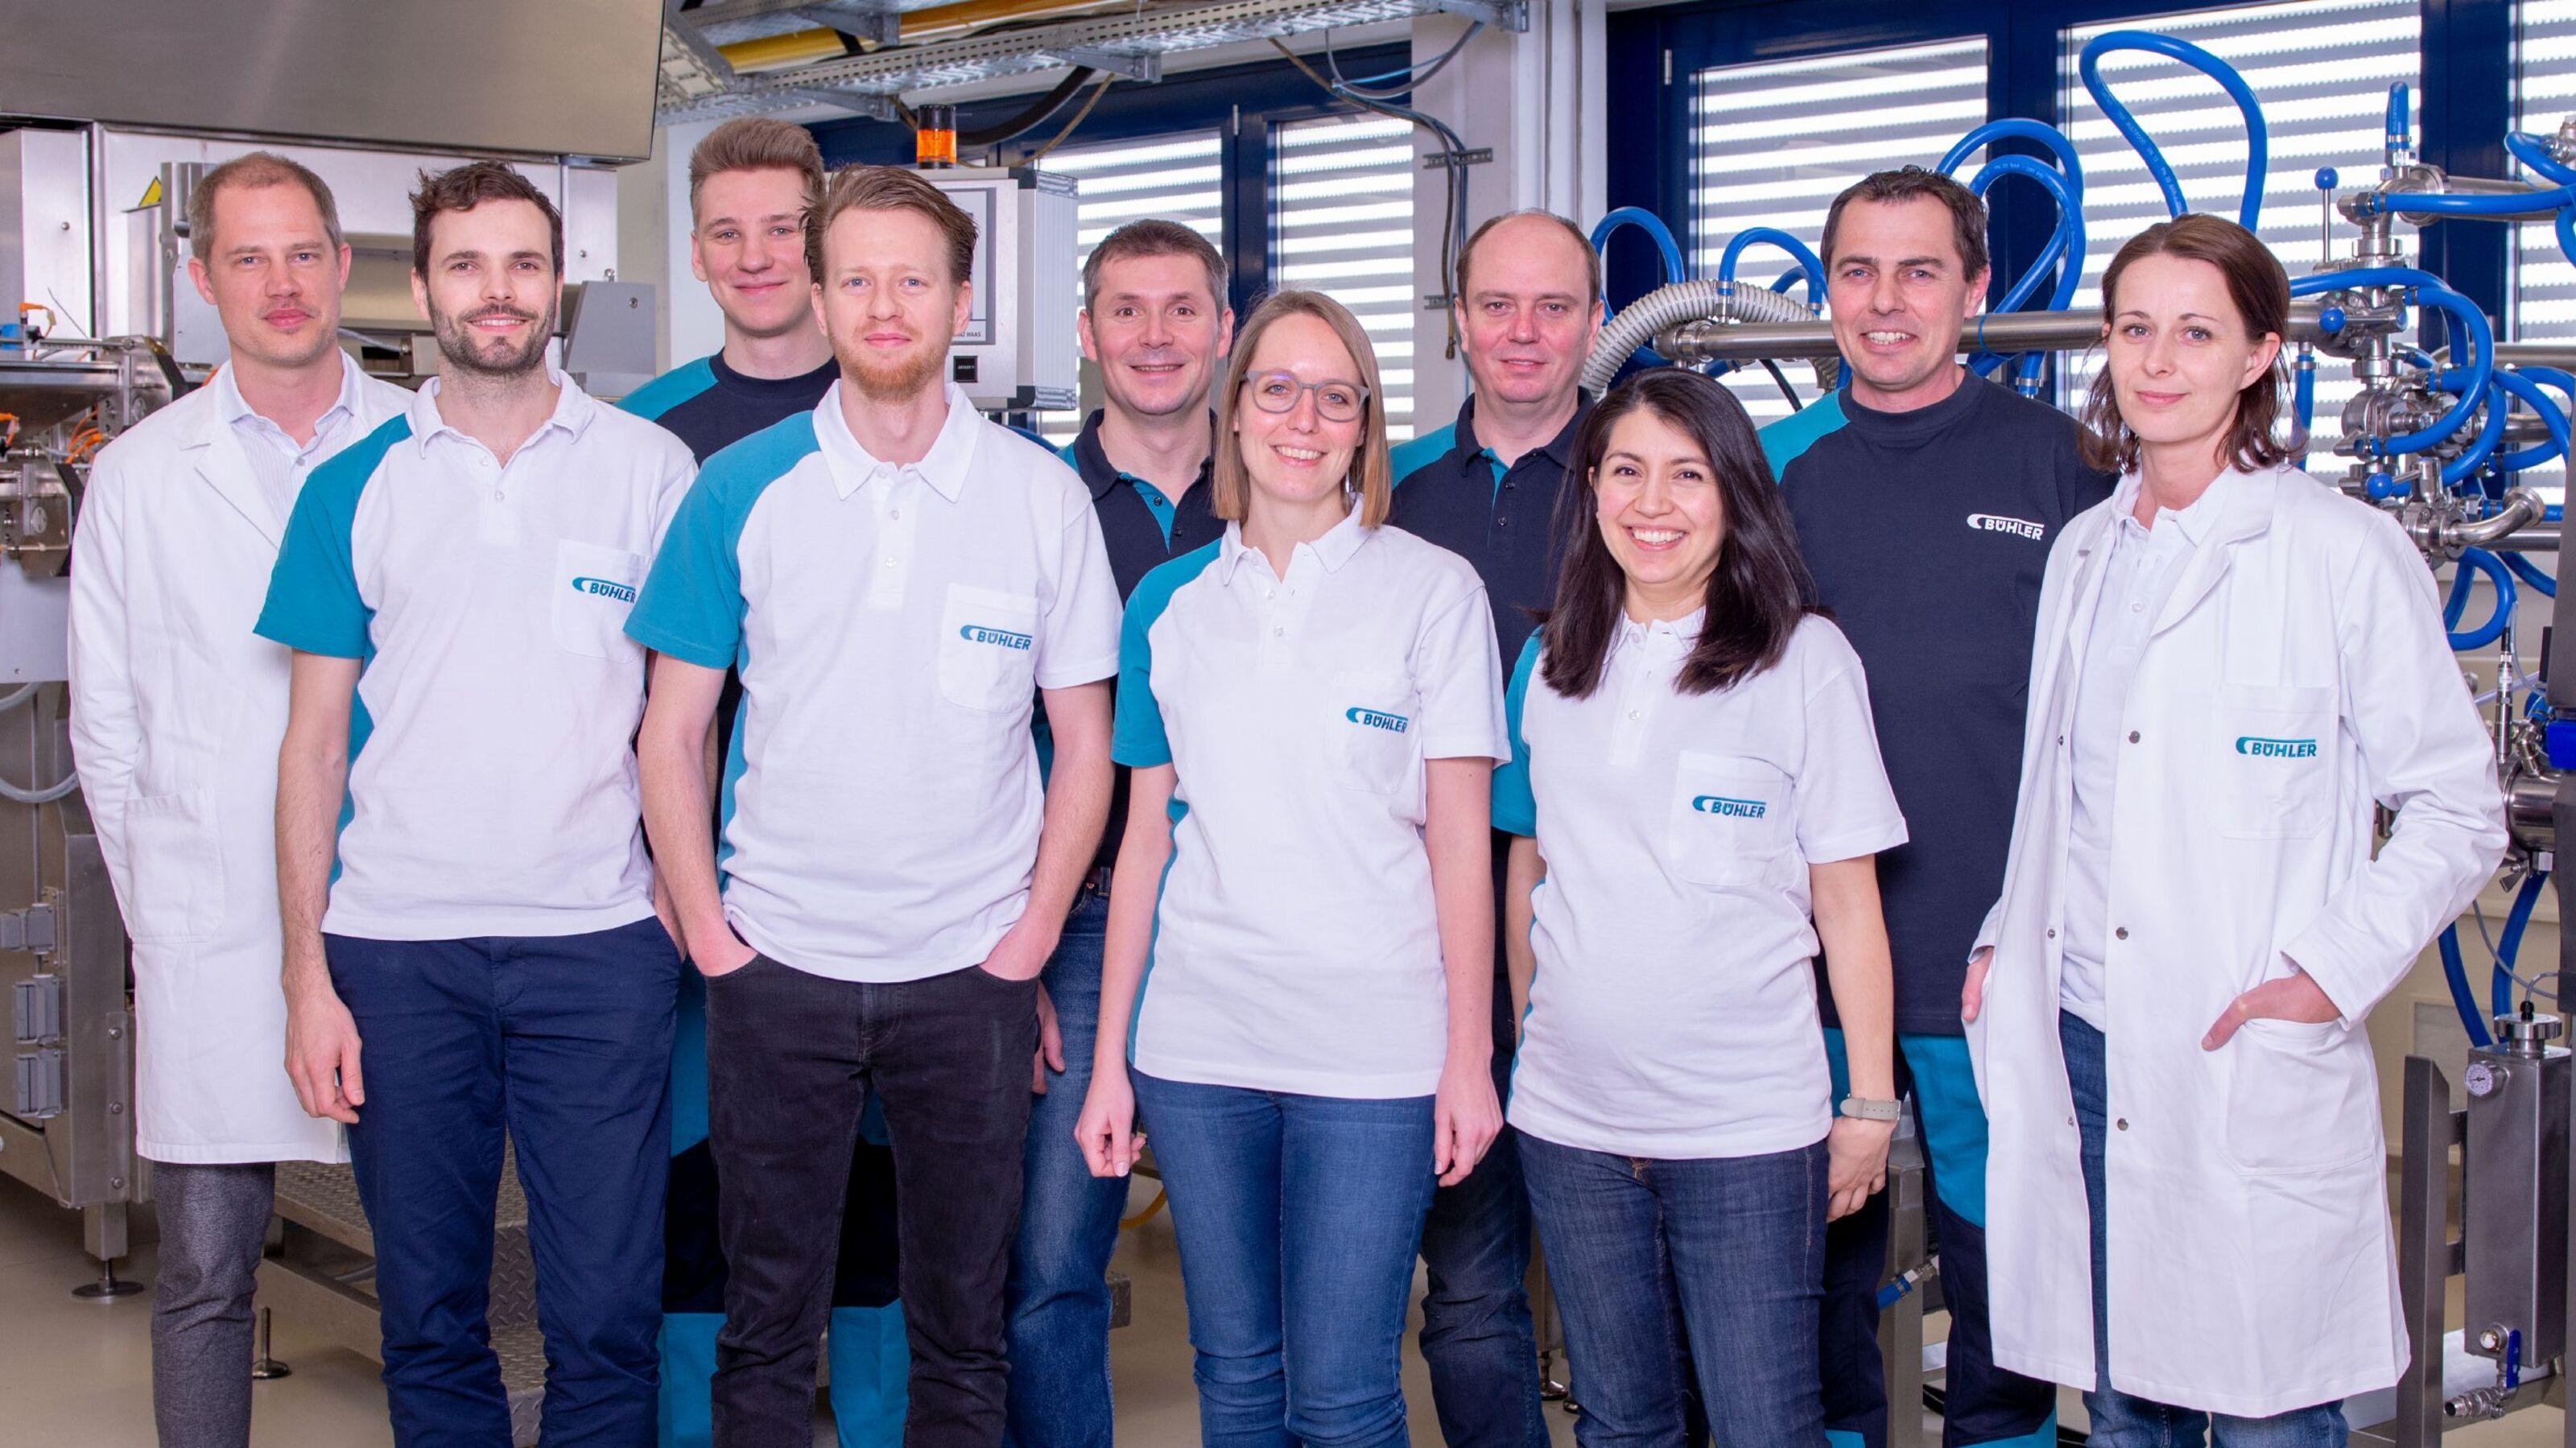 Equipo de formadores y expertos de Bühler.